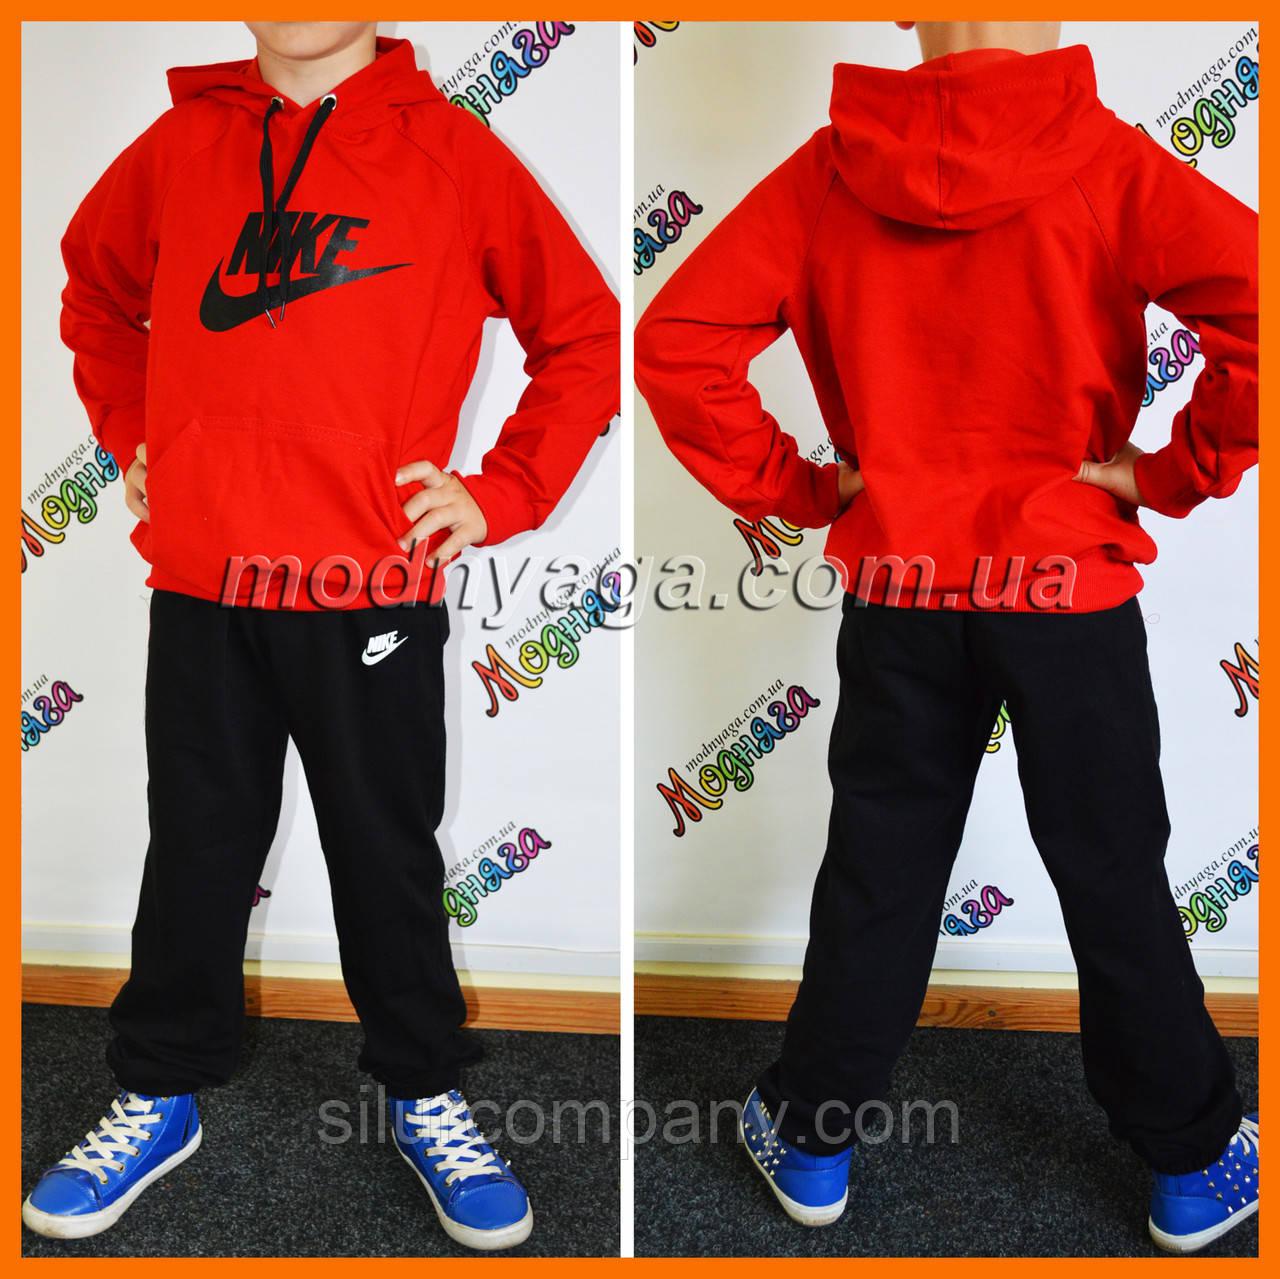 bd3565167cf6 Спортивные костюмы для детей оптом   Спортивные костюмы на флисе недорого